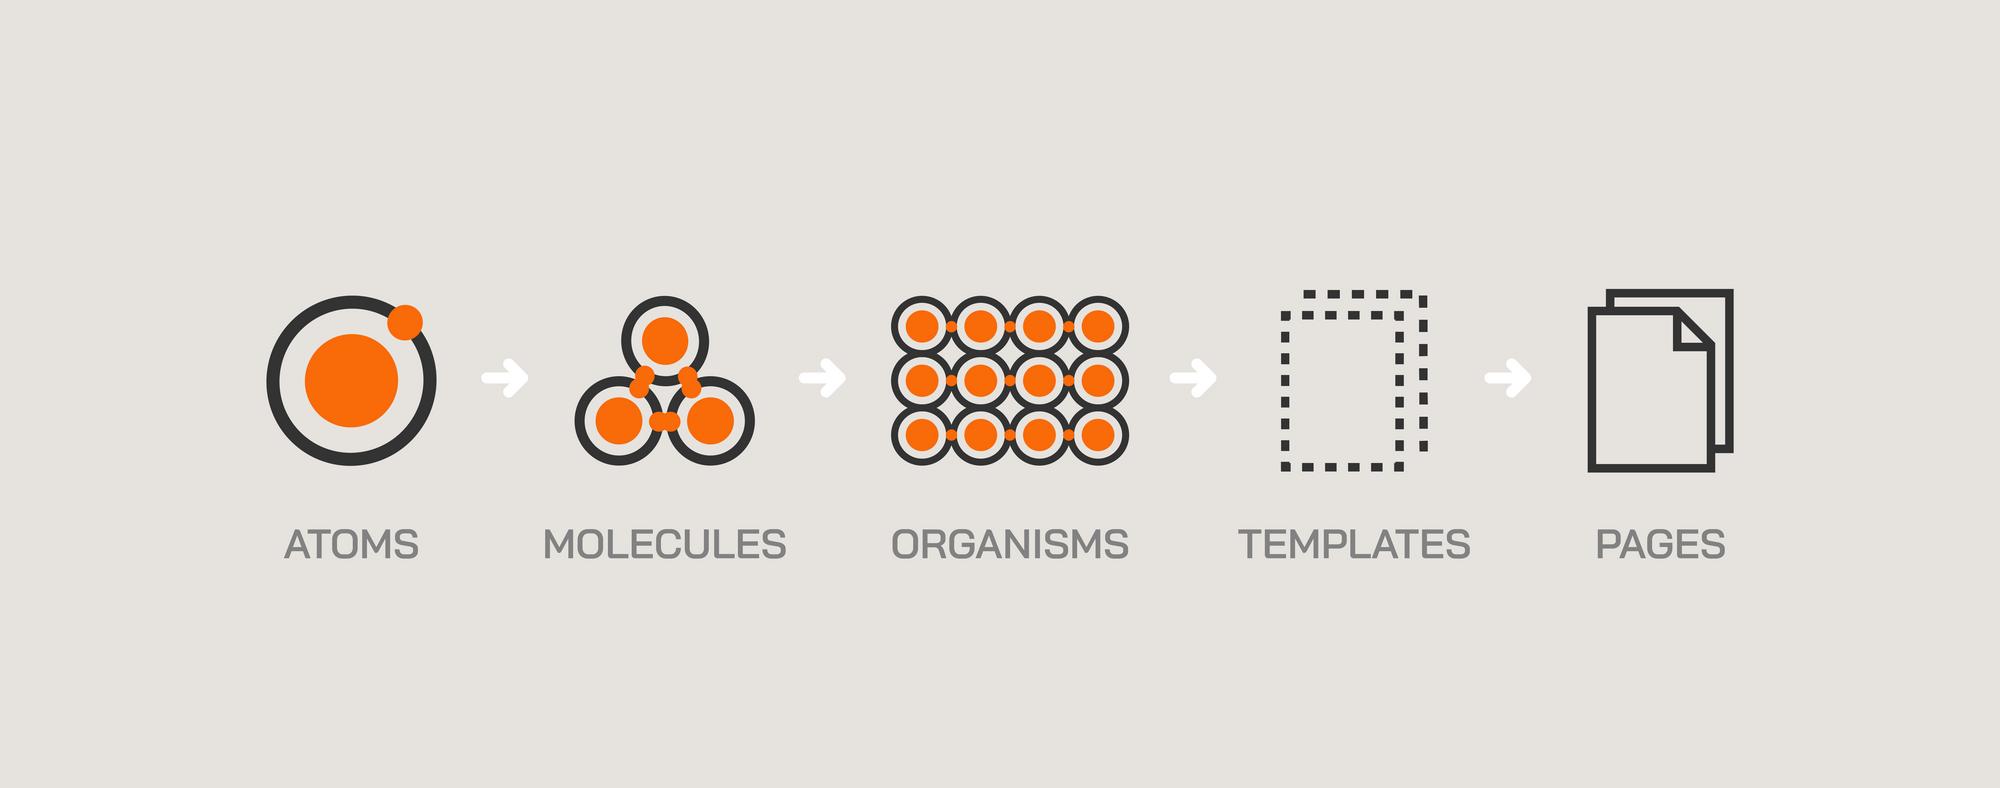 Esquema de Atomic Design: átomo, molécula, organismos, templates y páginas